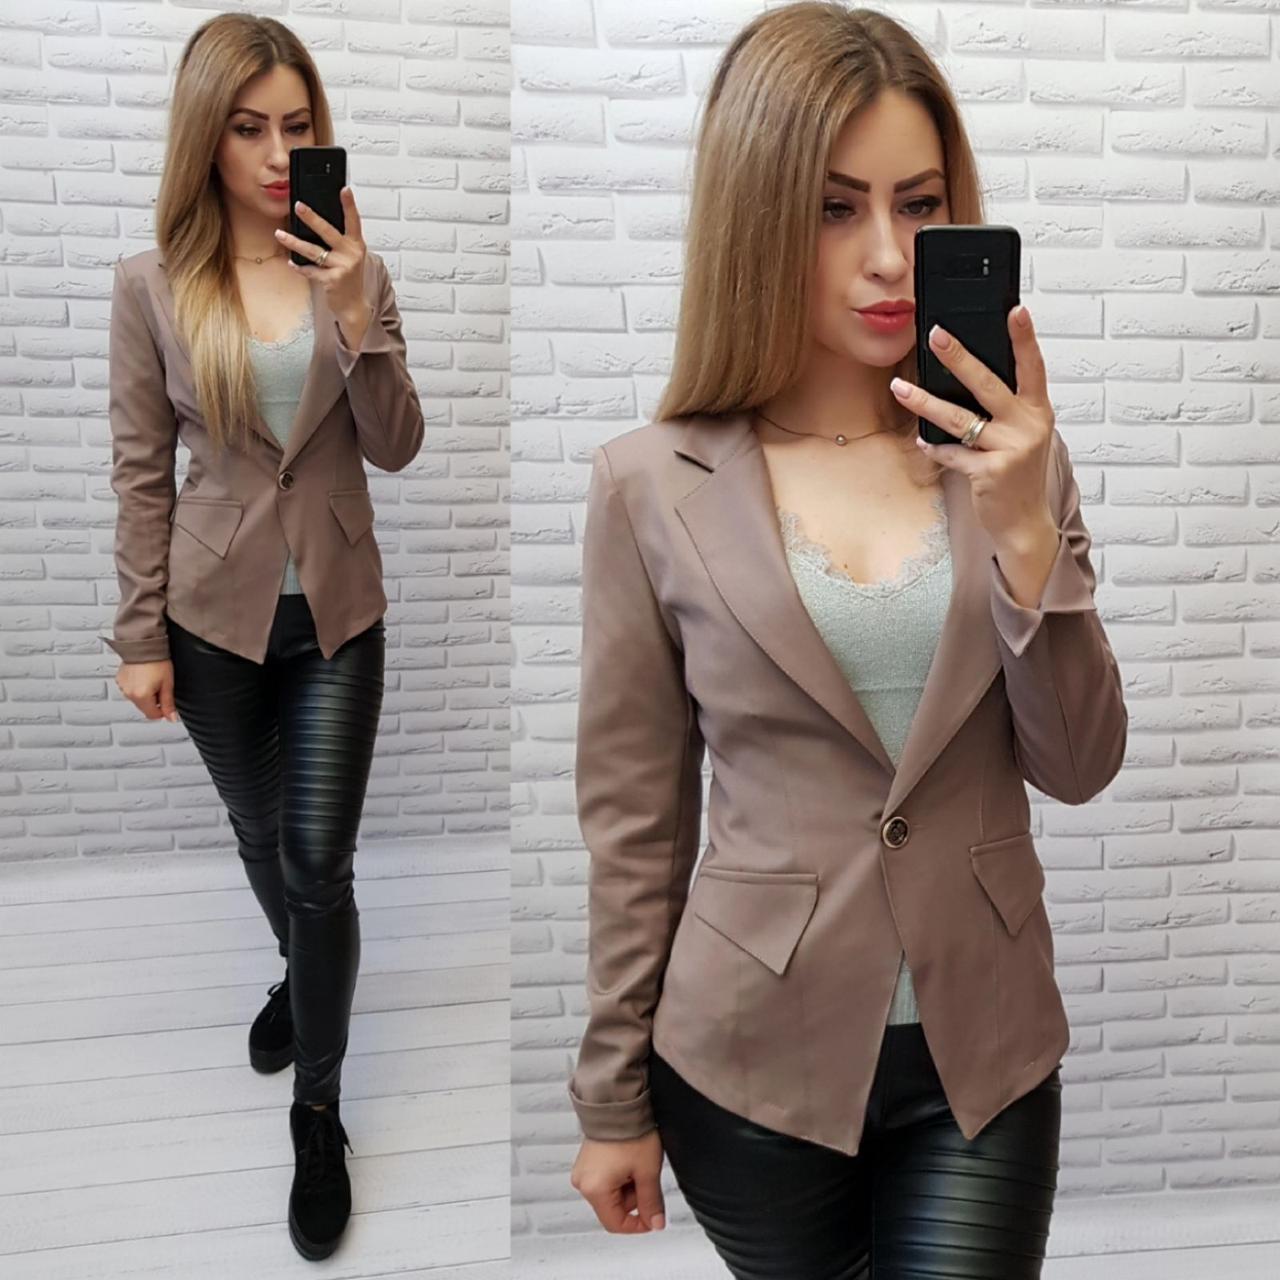 Пиджак / жакет с подкладкой рукав длинный S1084/2 мокко / кофе с молоком / светло-коричневый